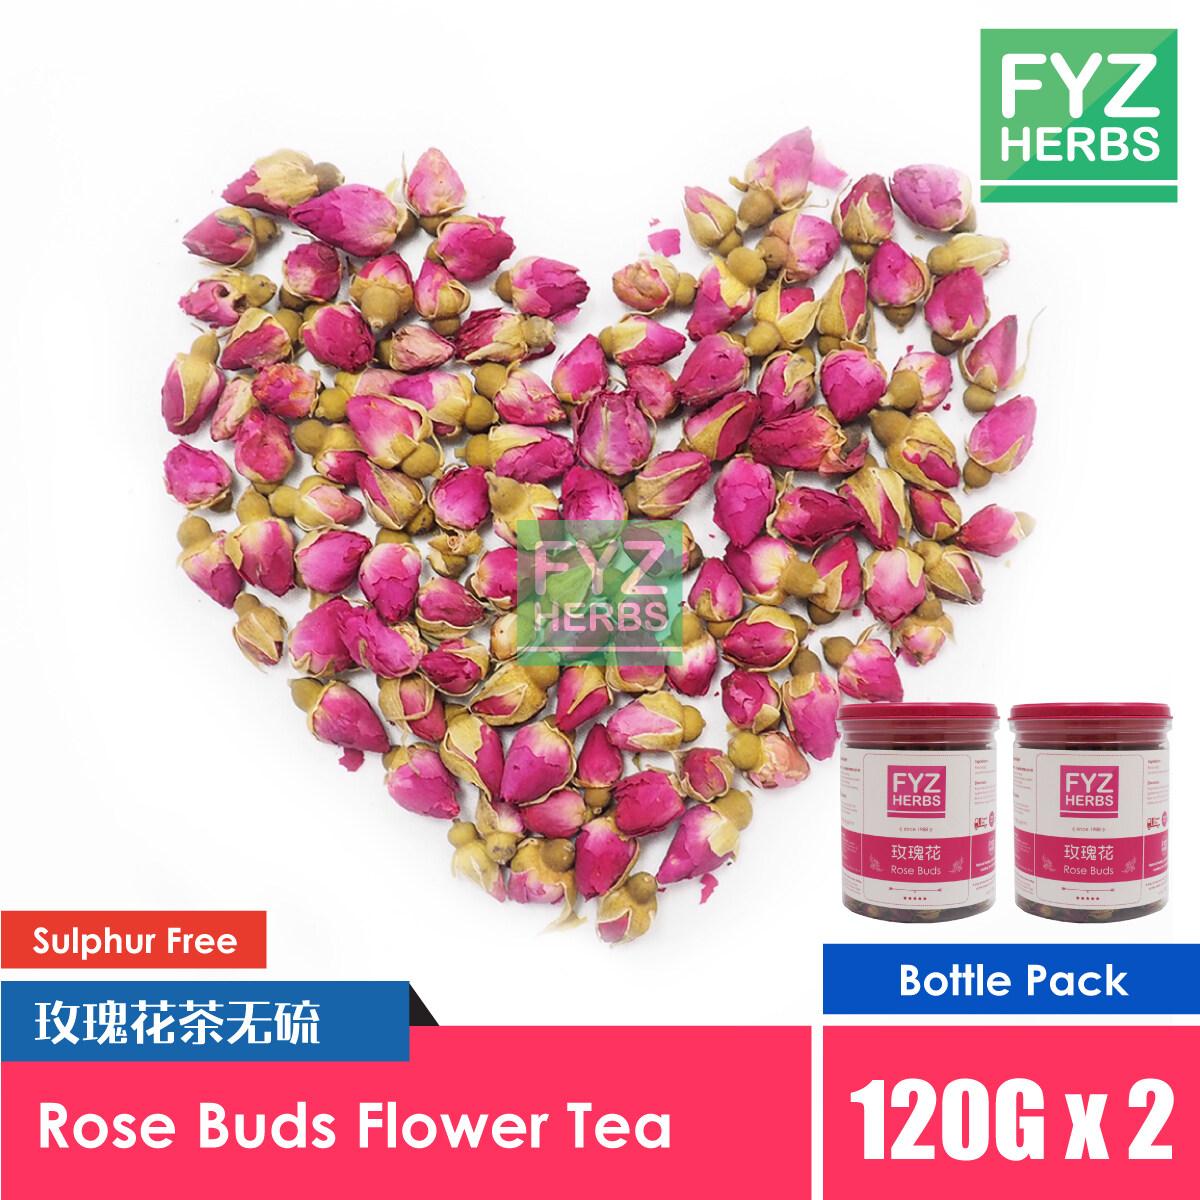 FYZ Herbs Rose Buds Flower Tea (120g x 2) [Bottle Pack] 玫瑰花茶罐装